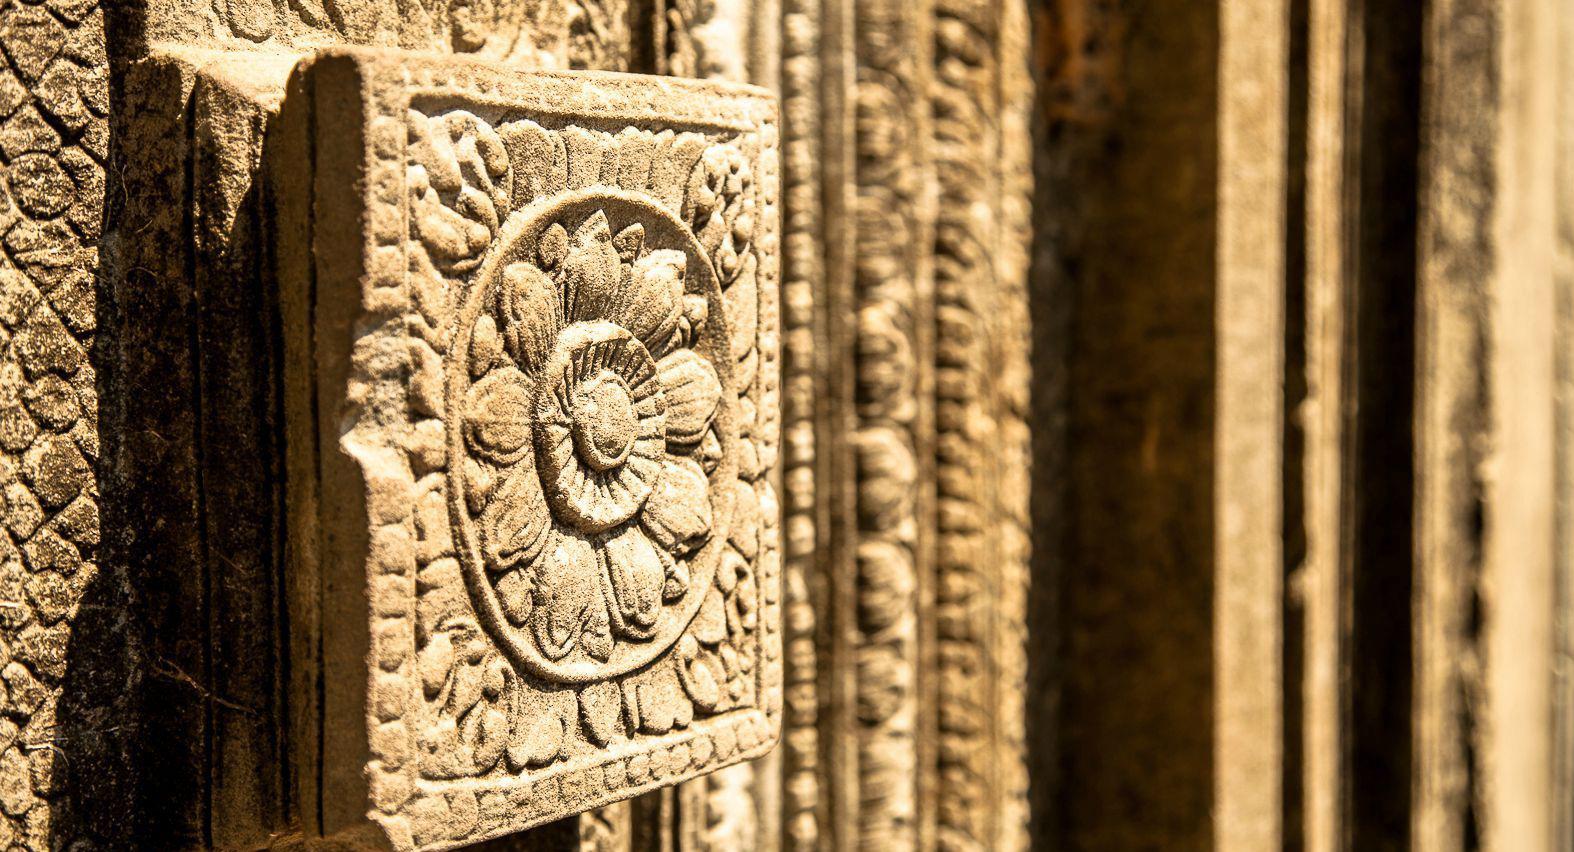 柬埔寨-崩密列-@aaron爱拍照